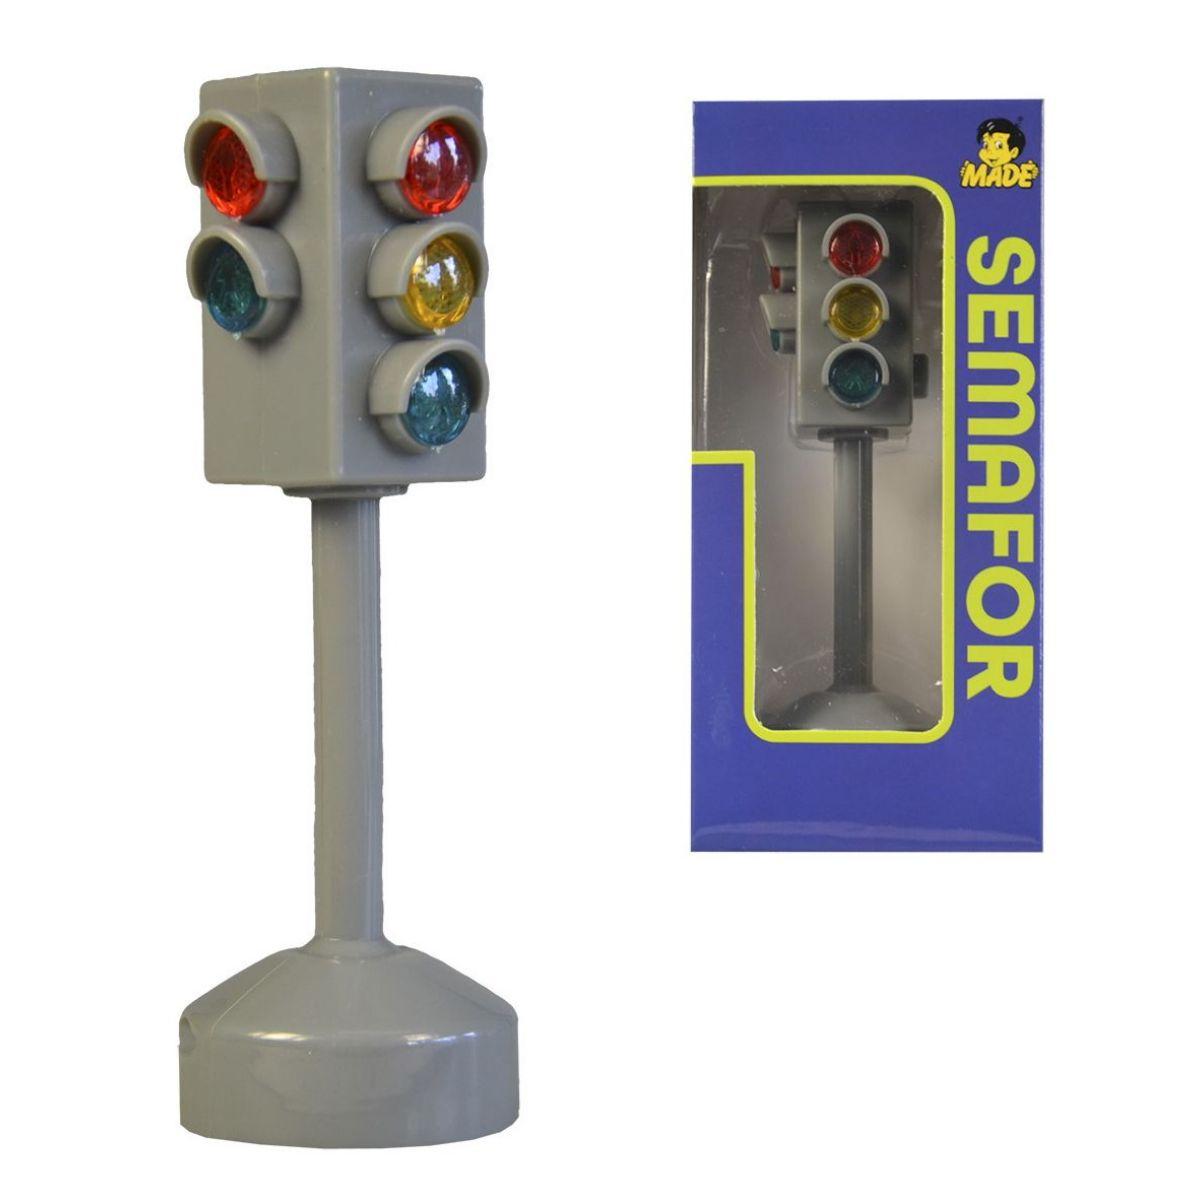 Semafor na batérie so svetlom a zvukom